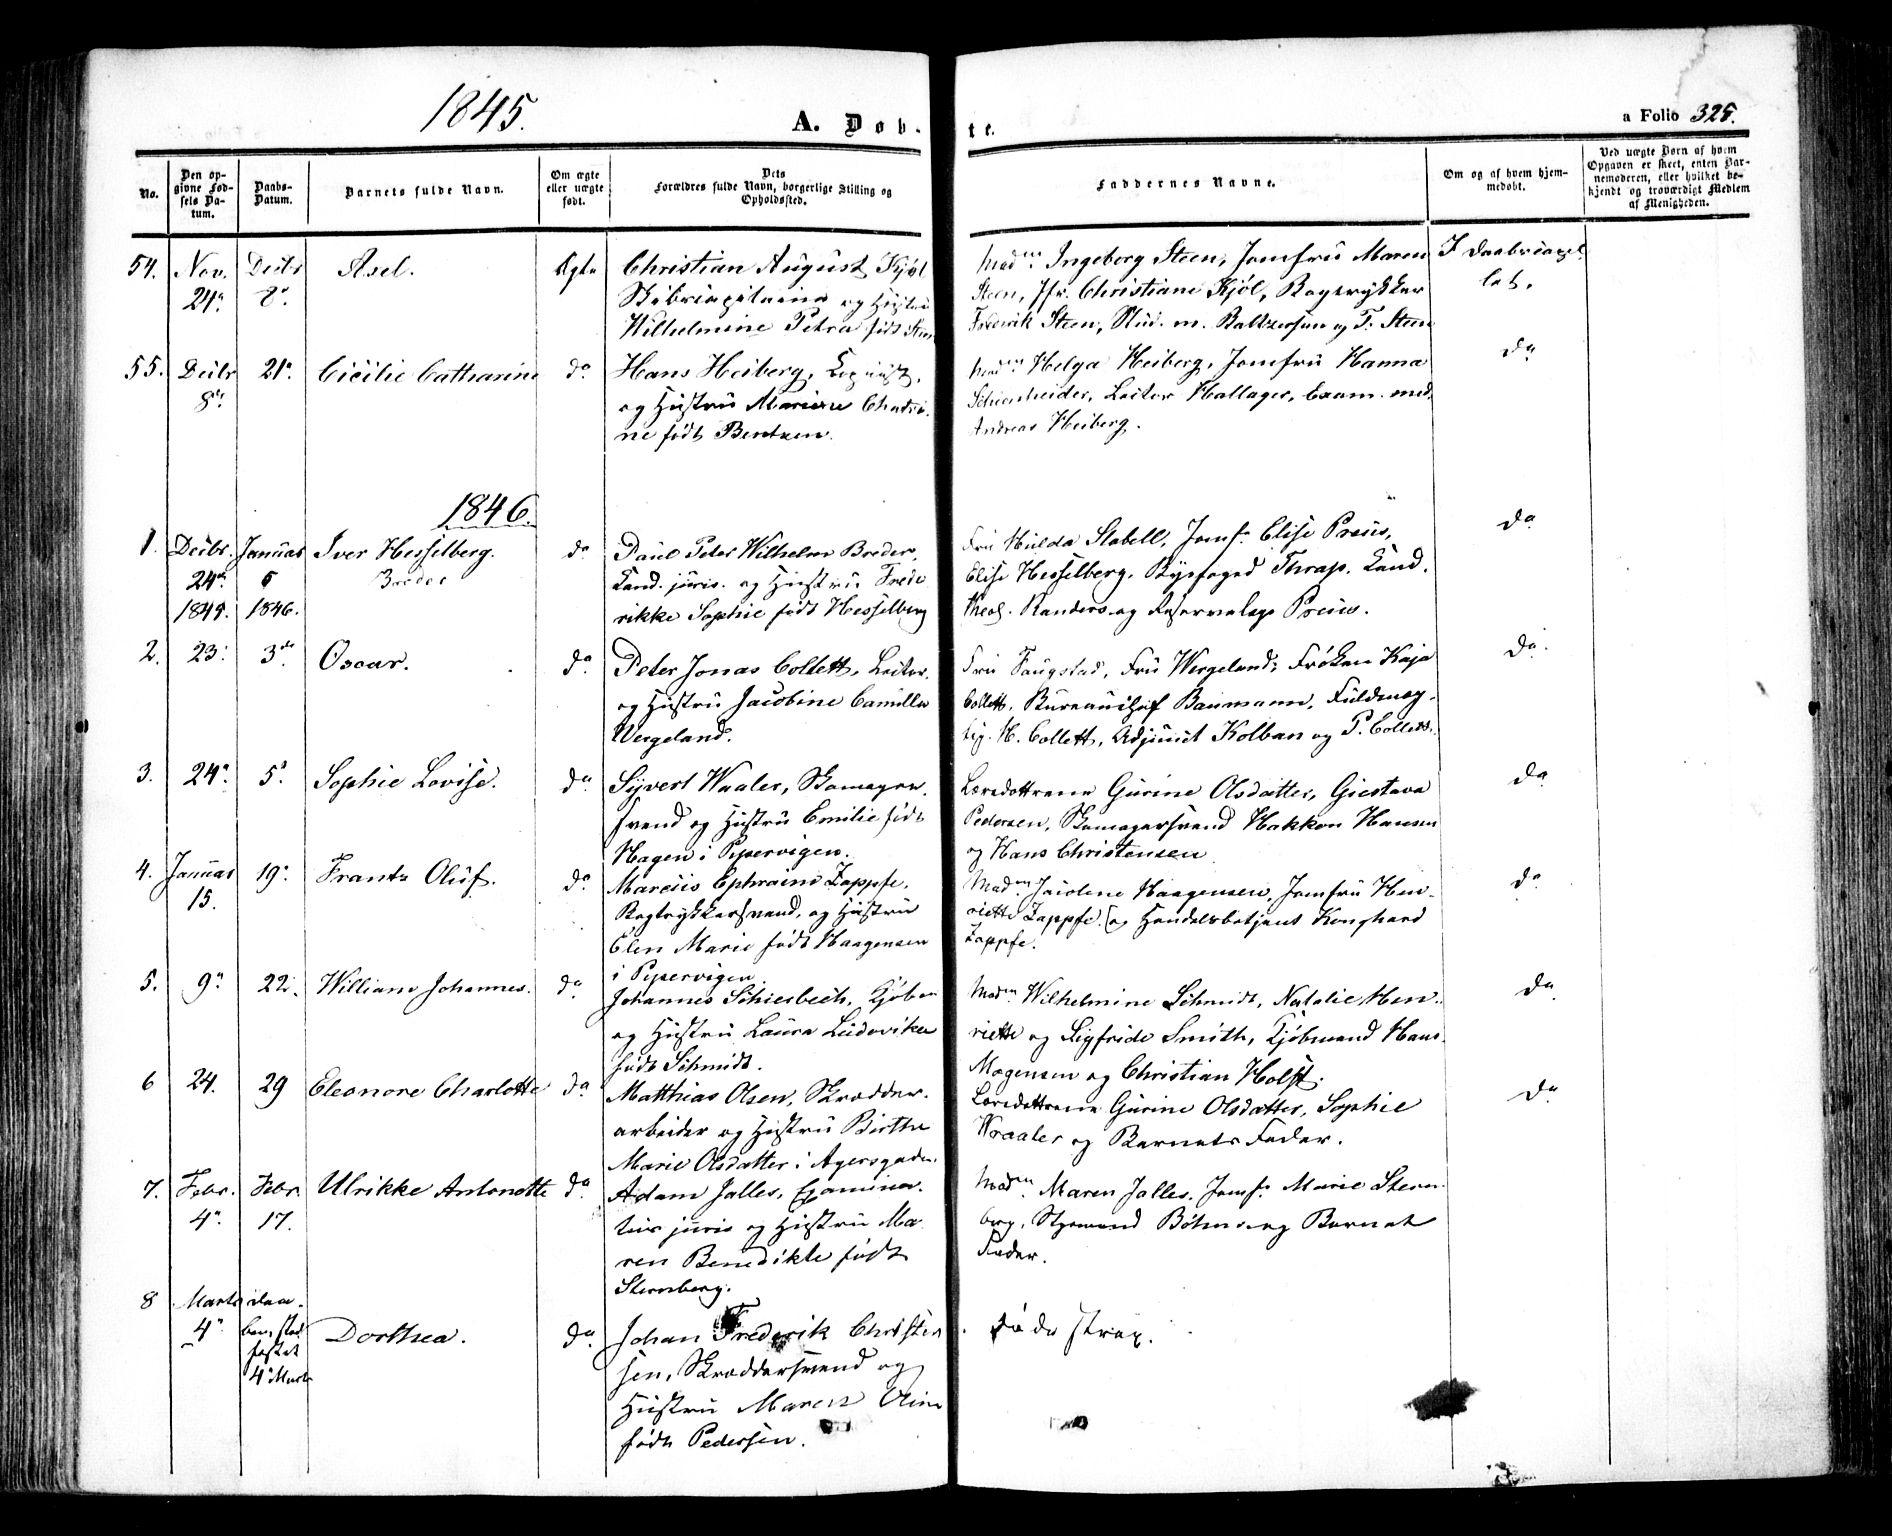 SAO, Oslo domkirke Kirkebøker, F/Fa/L0013: Ministerialbok nr. 13, 1844-1864, s. 325